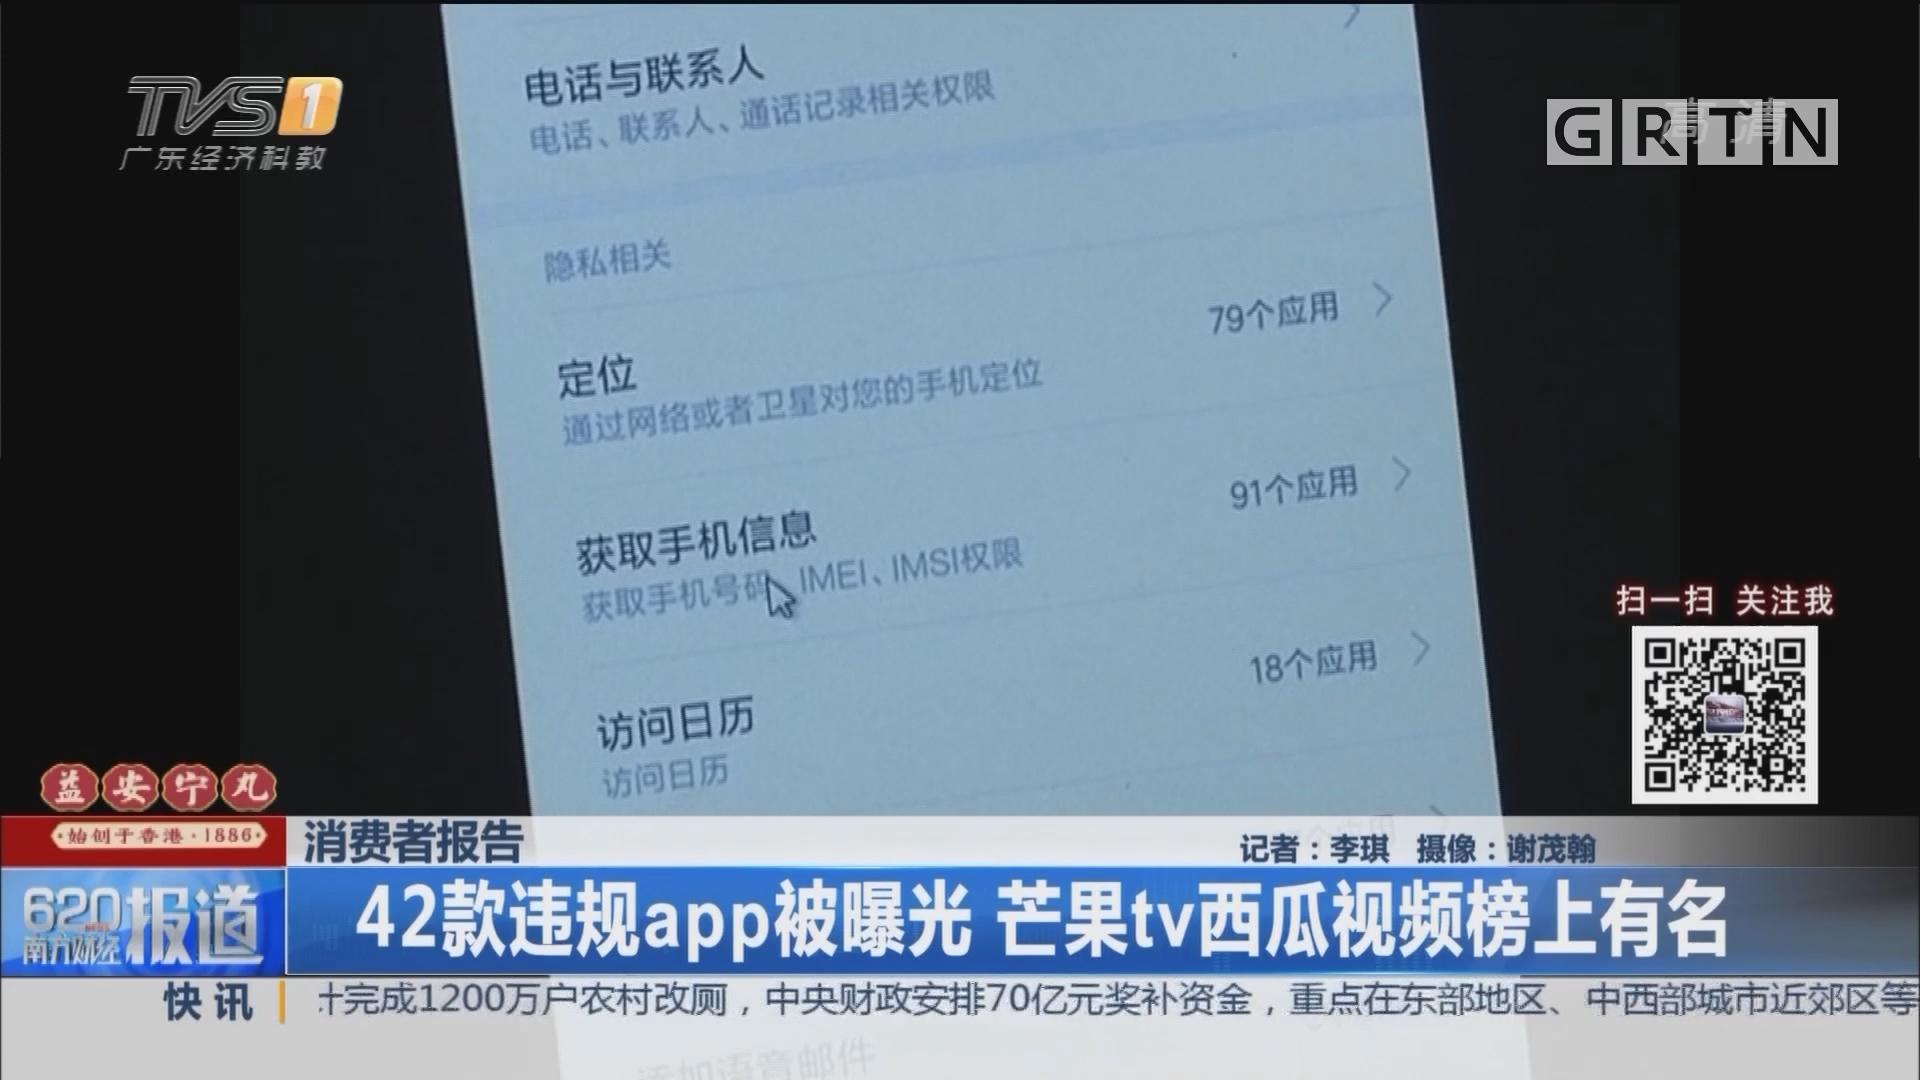 消费者报告:42款违规app被曝光 芒果tv西瓜视频榜上有名